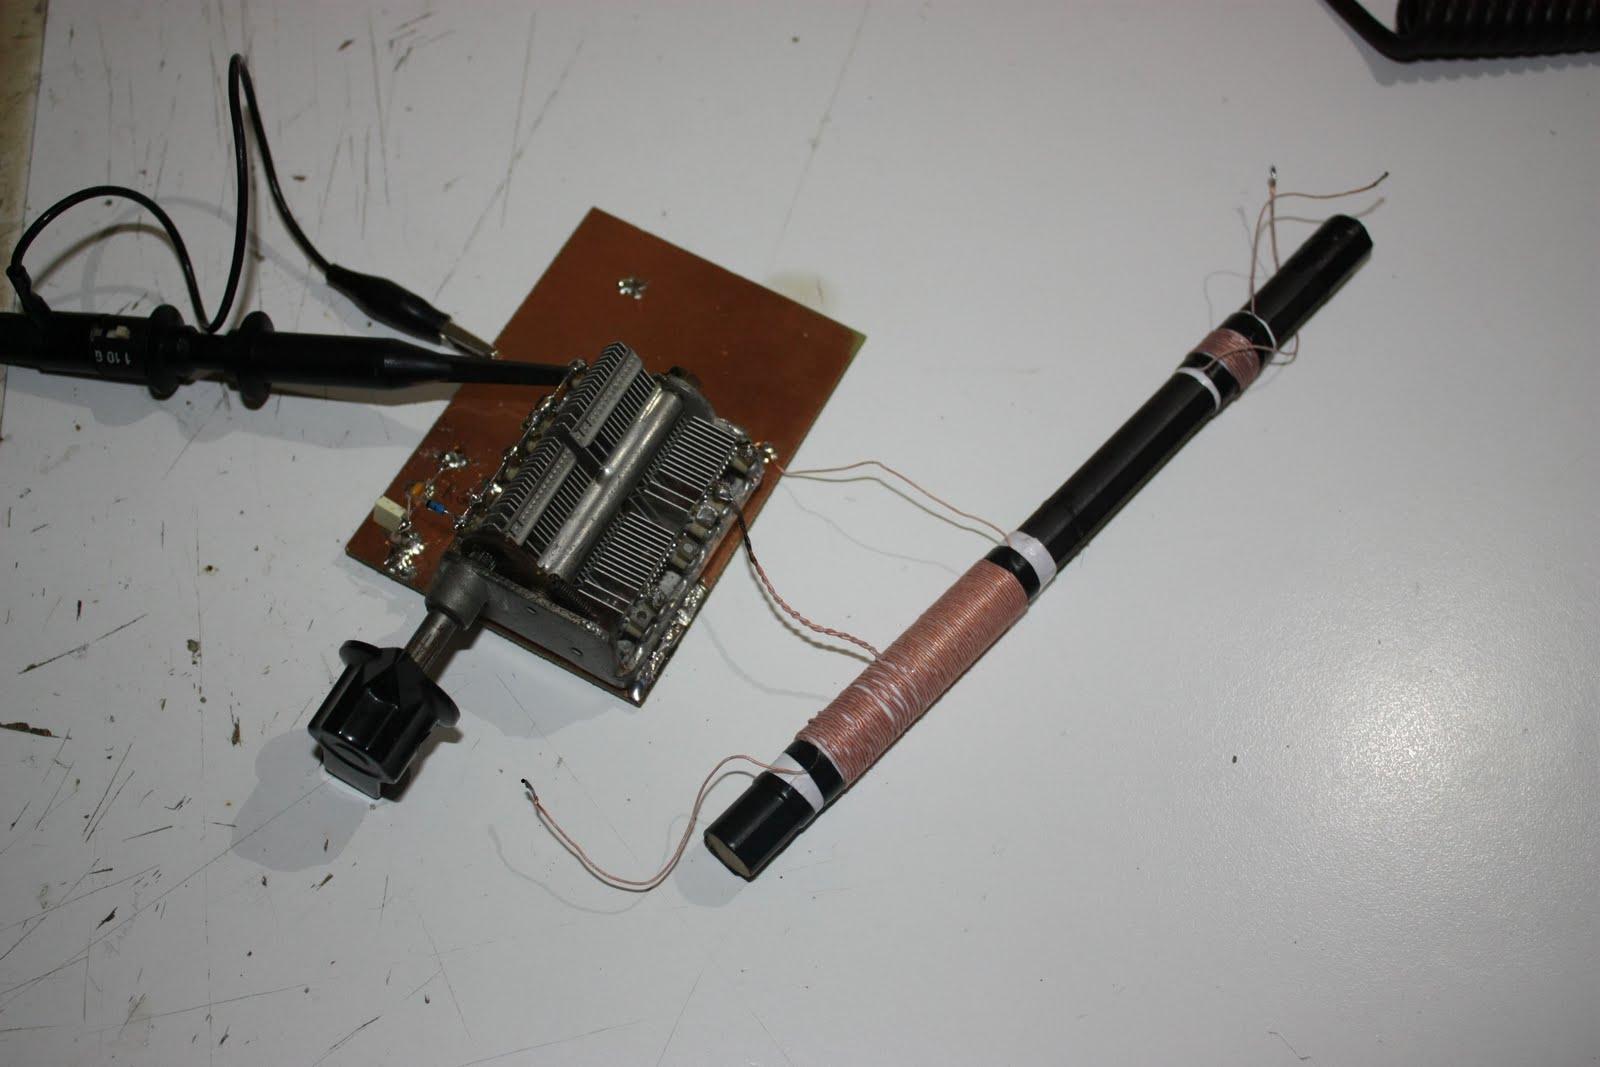 Circuito Lc : Lc lc b p circuito integrado serie eeprom k pin bs